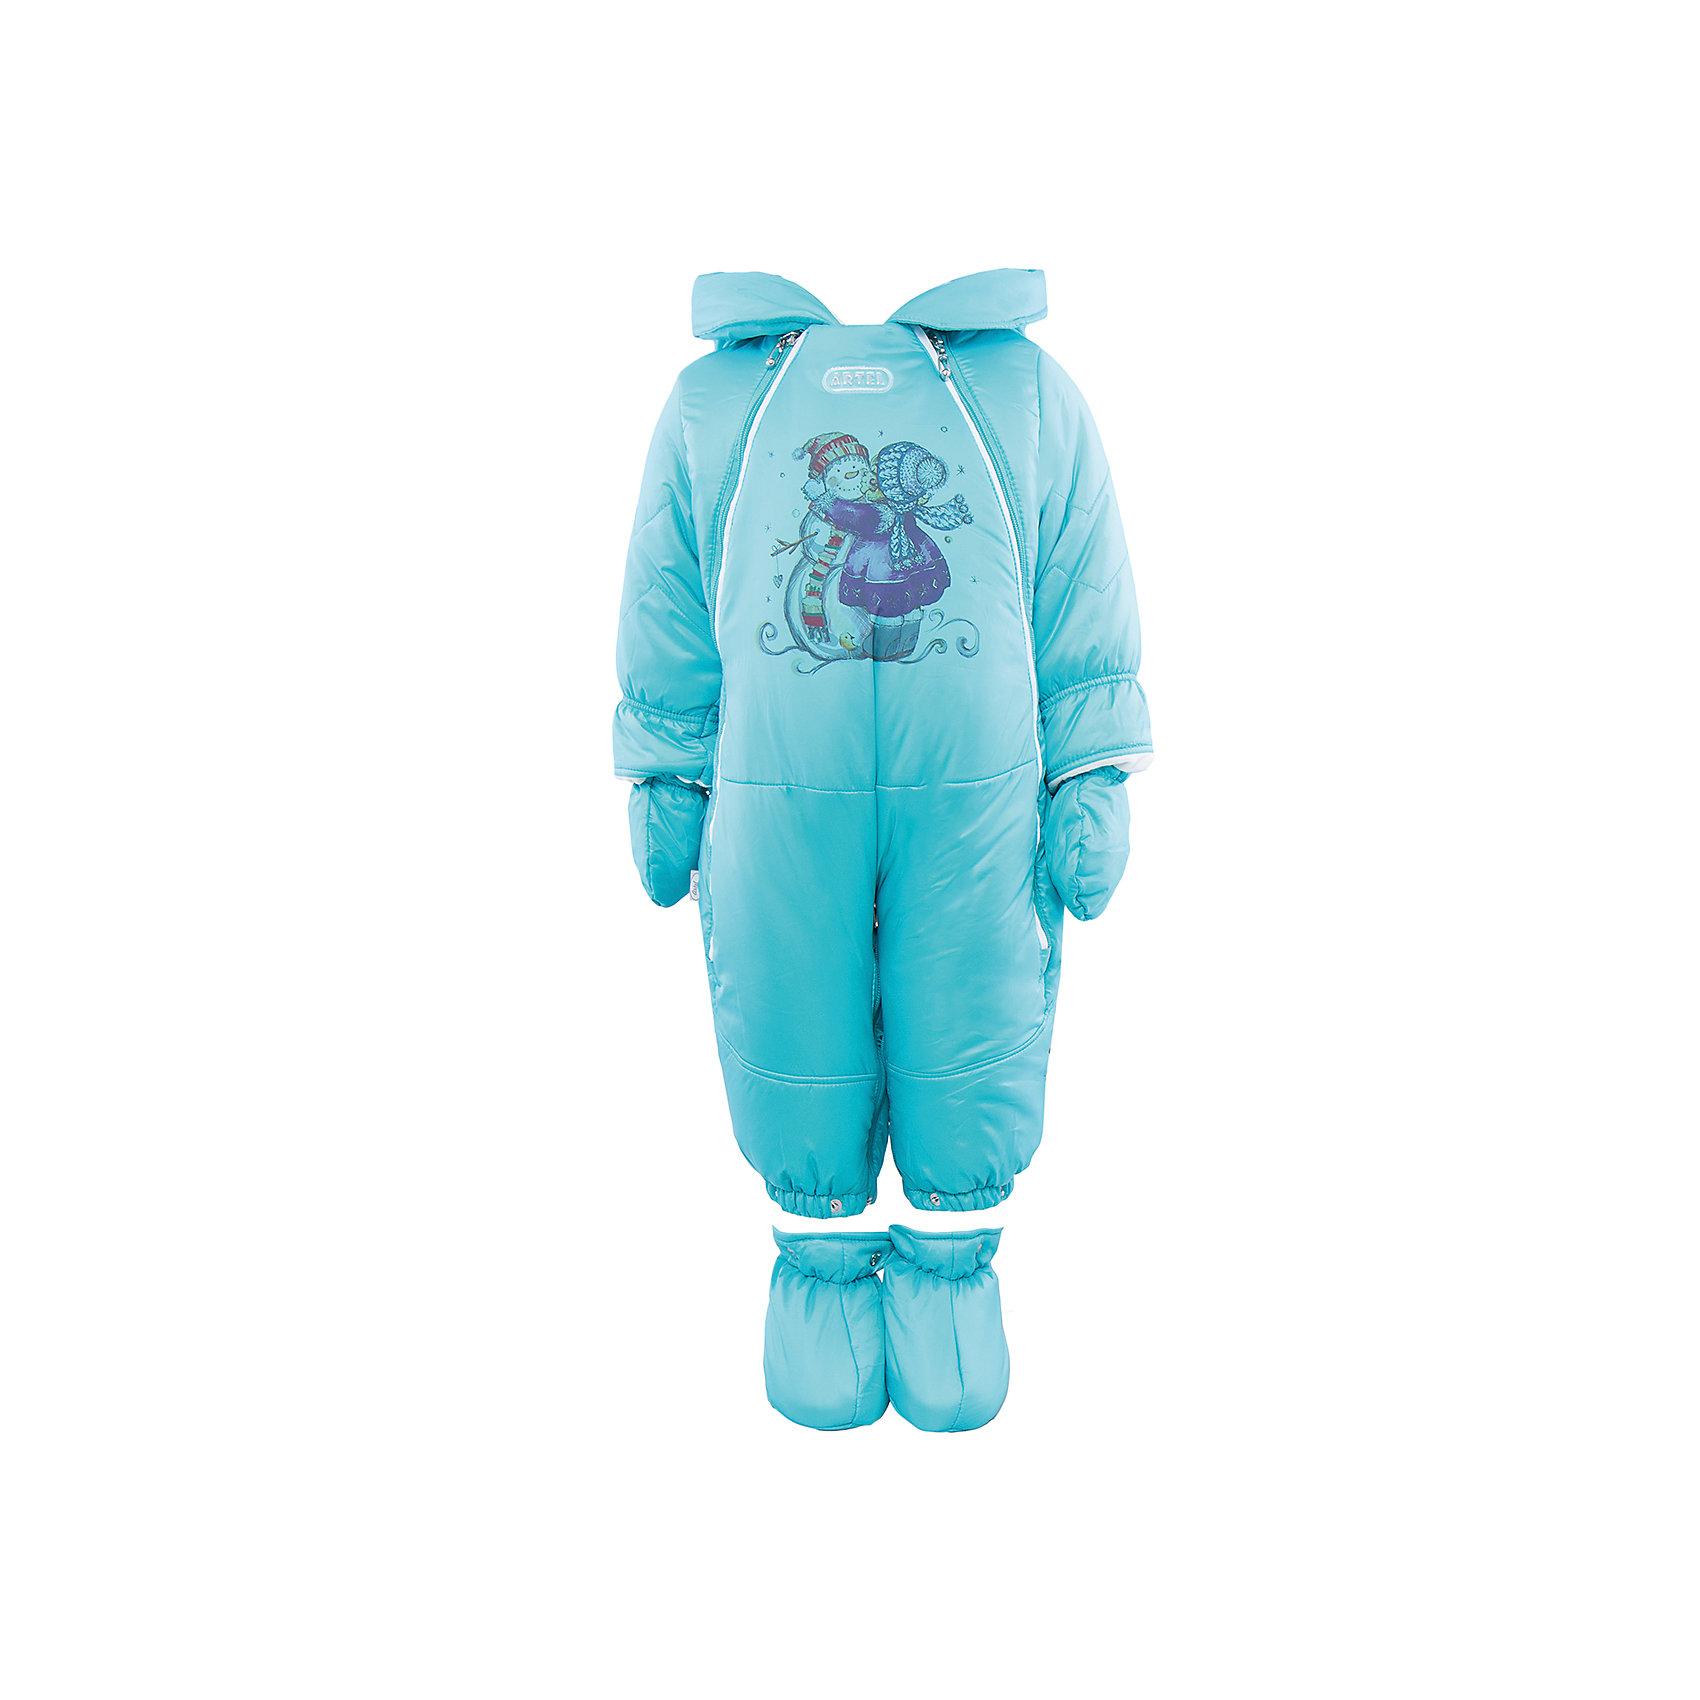 Комбинезон-трансформер на овчине для мальчика АртельВерхняя одежда<br>Комбинезон-трансформер для мальчика от известного бренда Артель<br>Комбинезон-трансформер - это отличный вариант одежды для прогулок в холодное время года. Он выполняет функцию полноценного костюма с ножками, в котором удобно носить ребенка на руках, или перевозить в автокресле и теплого уютного спального конверта, в котором ребенку комфортно находиться в коляске. Комбинезон трансформируется в конверт с помощью дополнительных молний. <br>Состав:<br>Верх: YSD 819<br>Подкладка: интерлок<br>Утеплитель: термофайбер 200гр<br>Подстежка: овчина<br><br>Ширина мм: 356<br>Глубина мм: 10<br>Высота мм: 245<br>Вес г: 519<br>Цвет: голубой<br>Возраст от месяцев: 2<br>Возраст до месяцев: 5<br>Пол: Мужской<br>Возраст: Детский<br>Размер: 74,68,62<br>SKU: 4963489